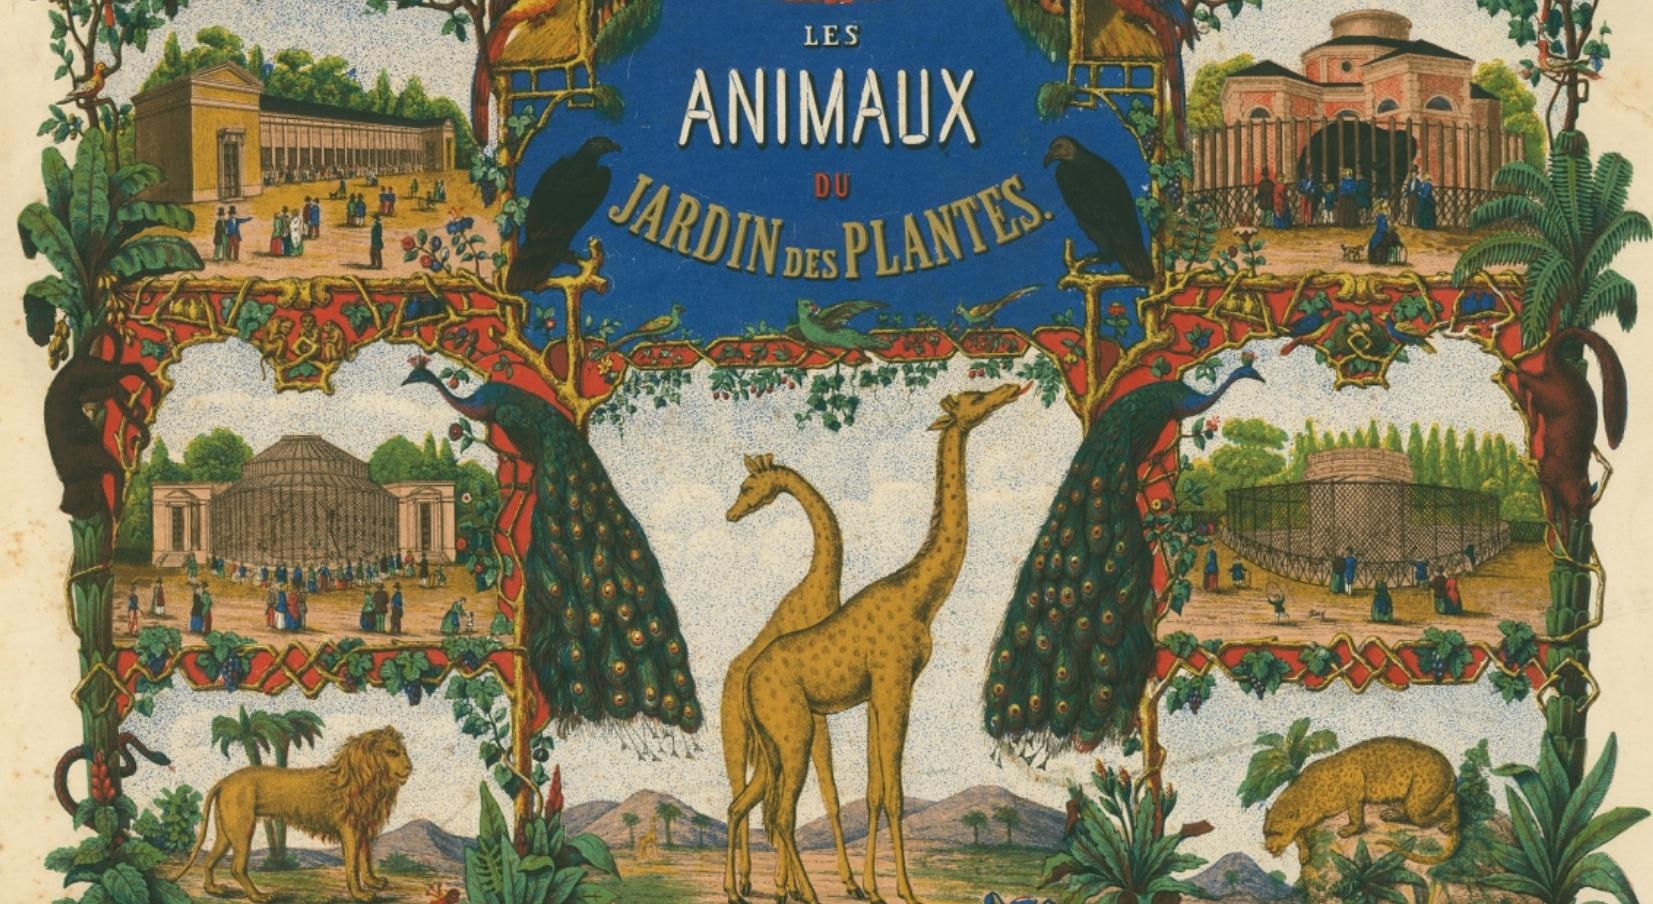 Les animaux du jardin des plantes ouest2paris - Les animaux du jardin ...